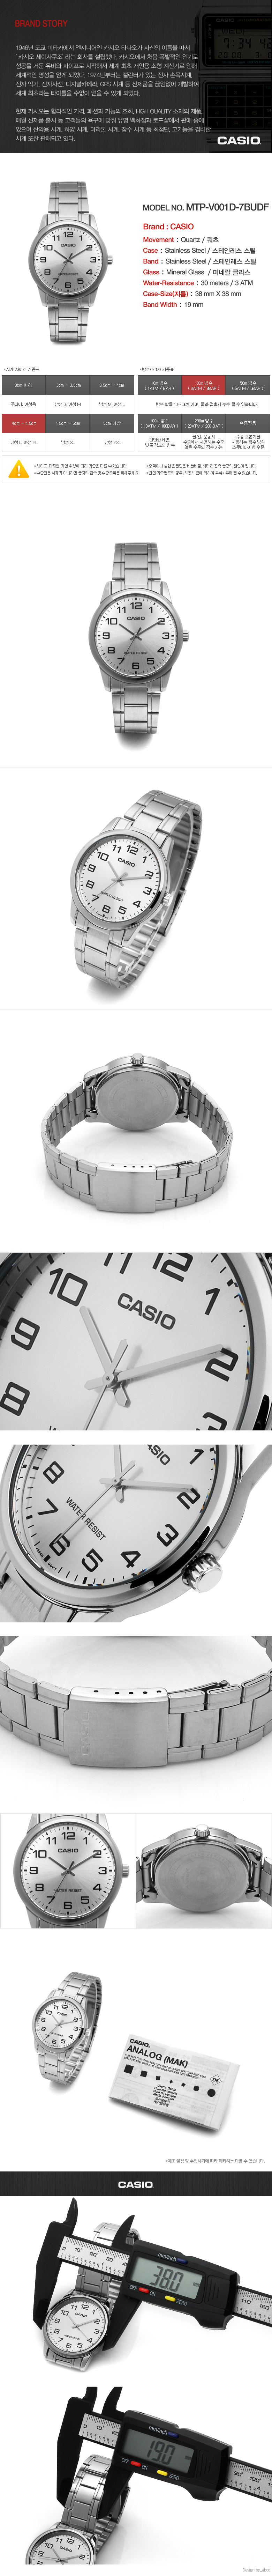 카시오(CASIO) MTP-V001D-7BUDF (MTP-V001D-7B) 아날로그 남성 메탈시계 38mm